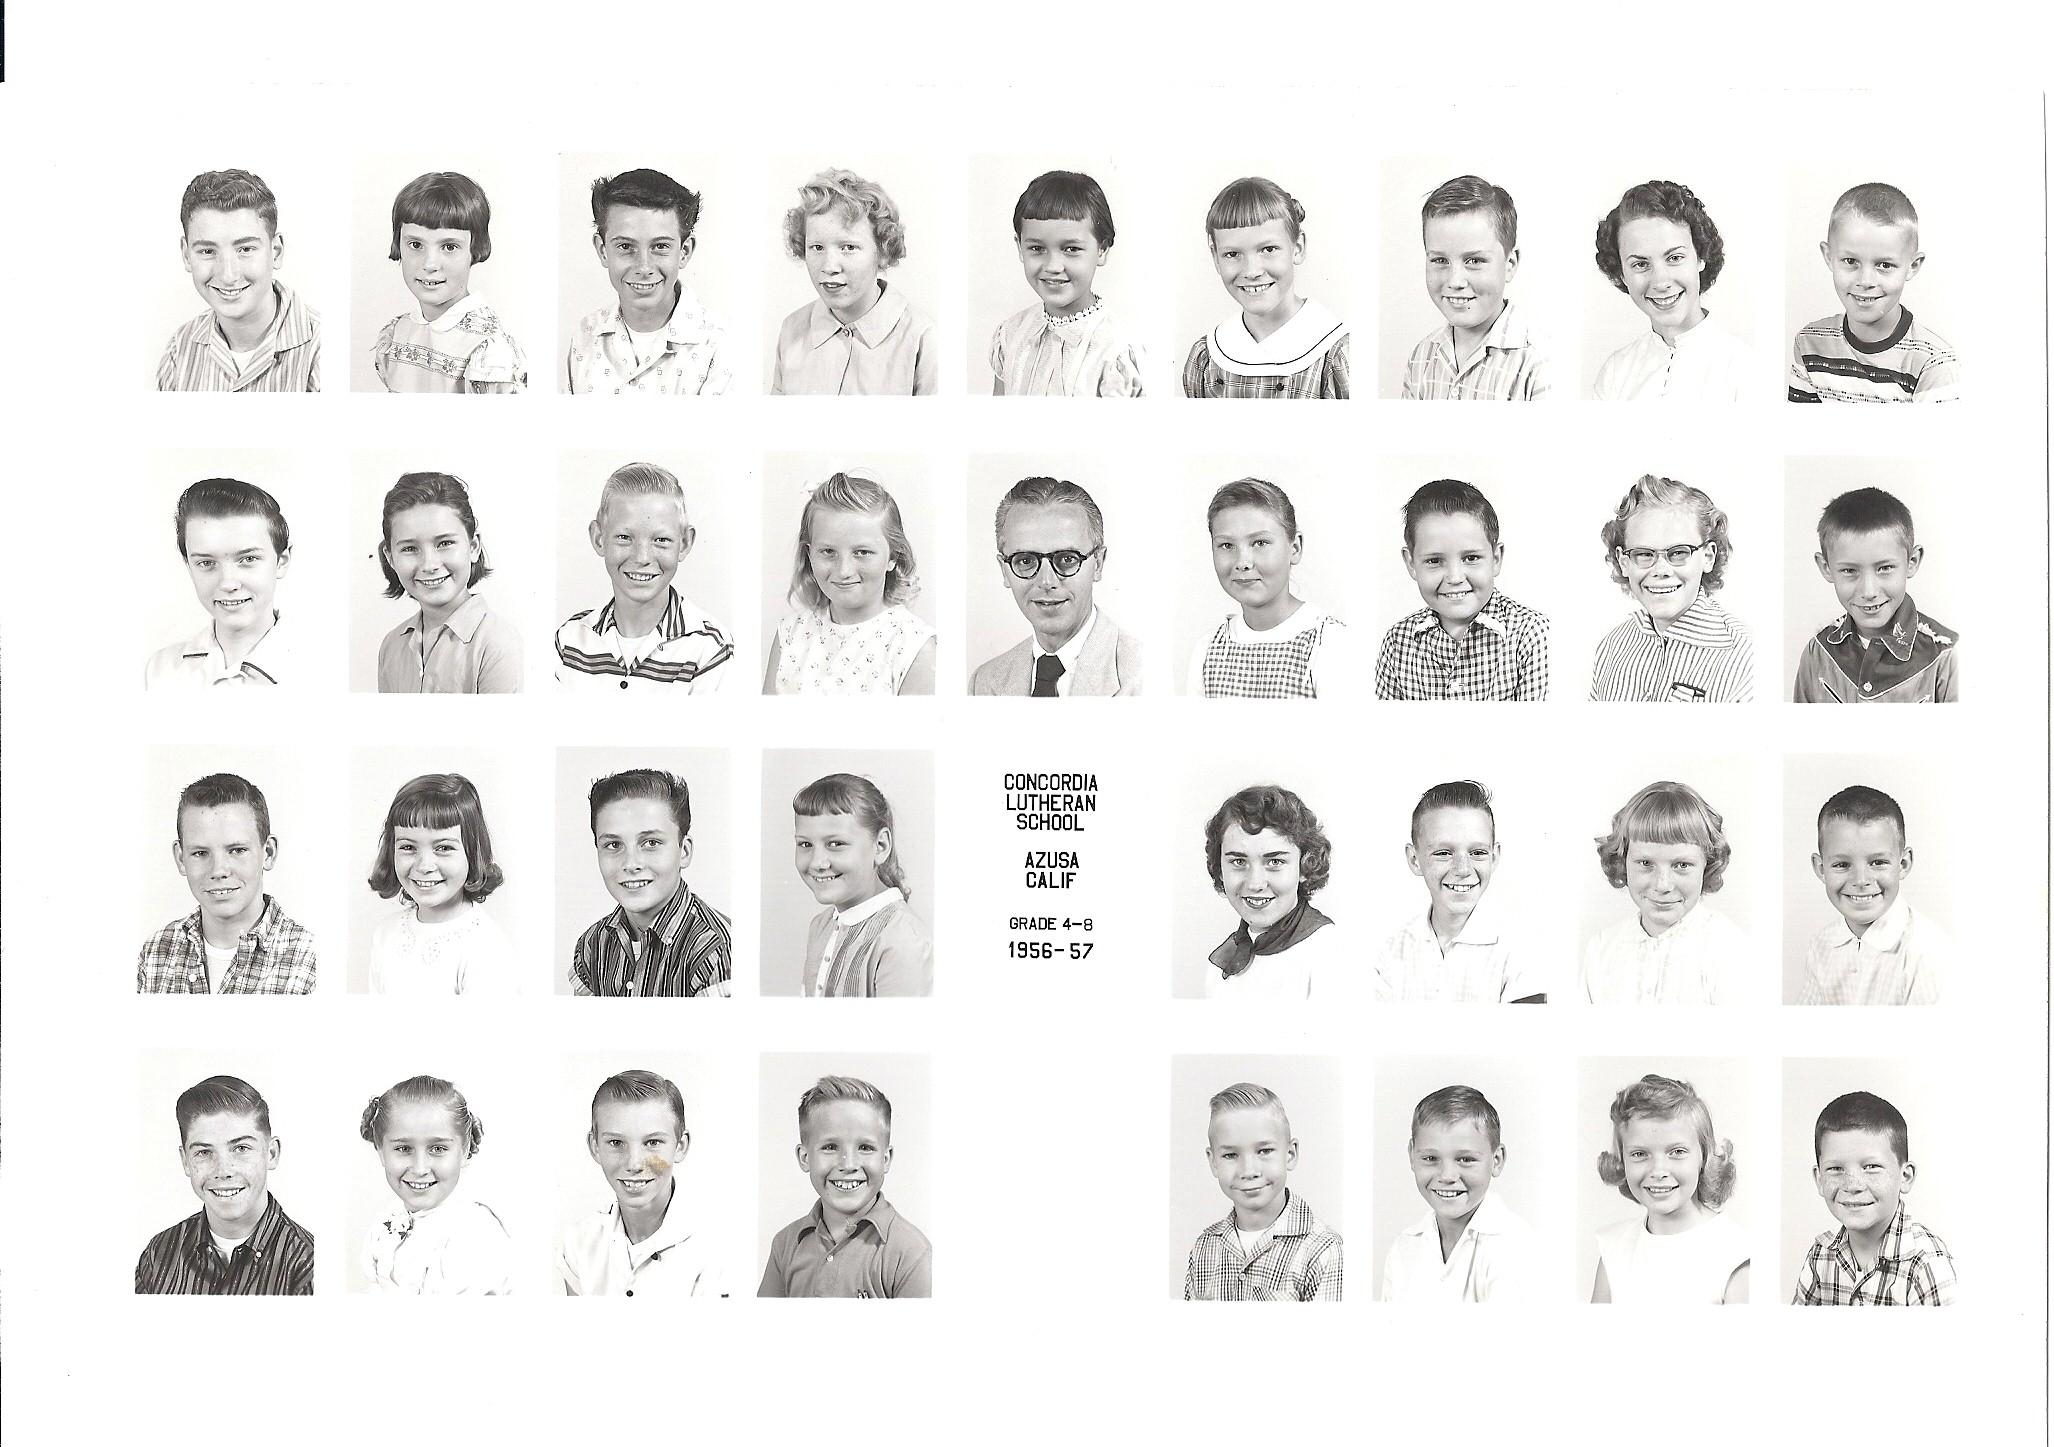 School & Club Group Photos